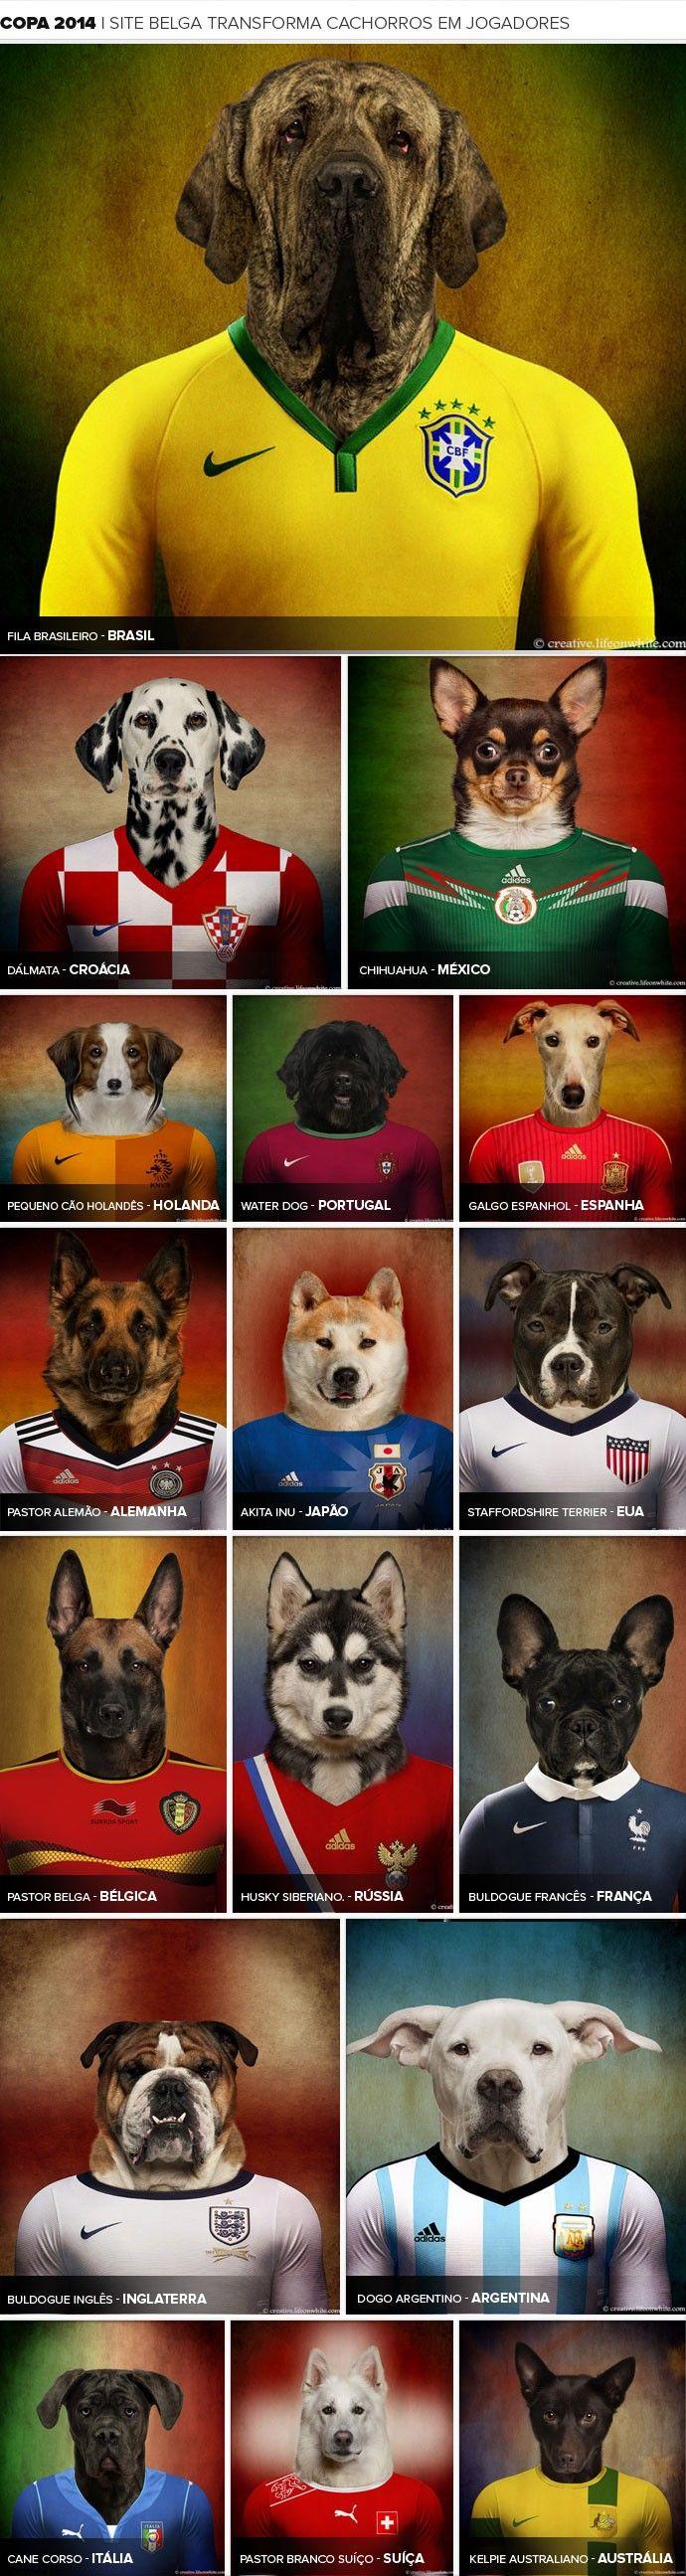 BLOG: Site registra raças de cachorros com camisas de suas pátrias de origem.05/03/2014.